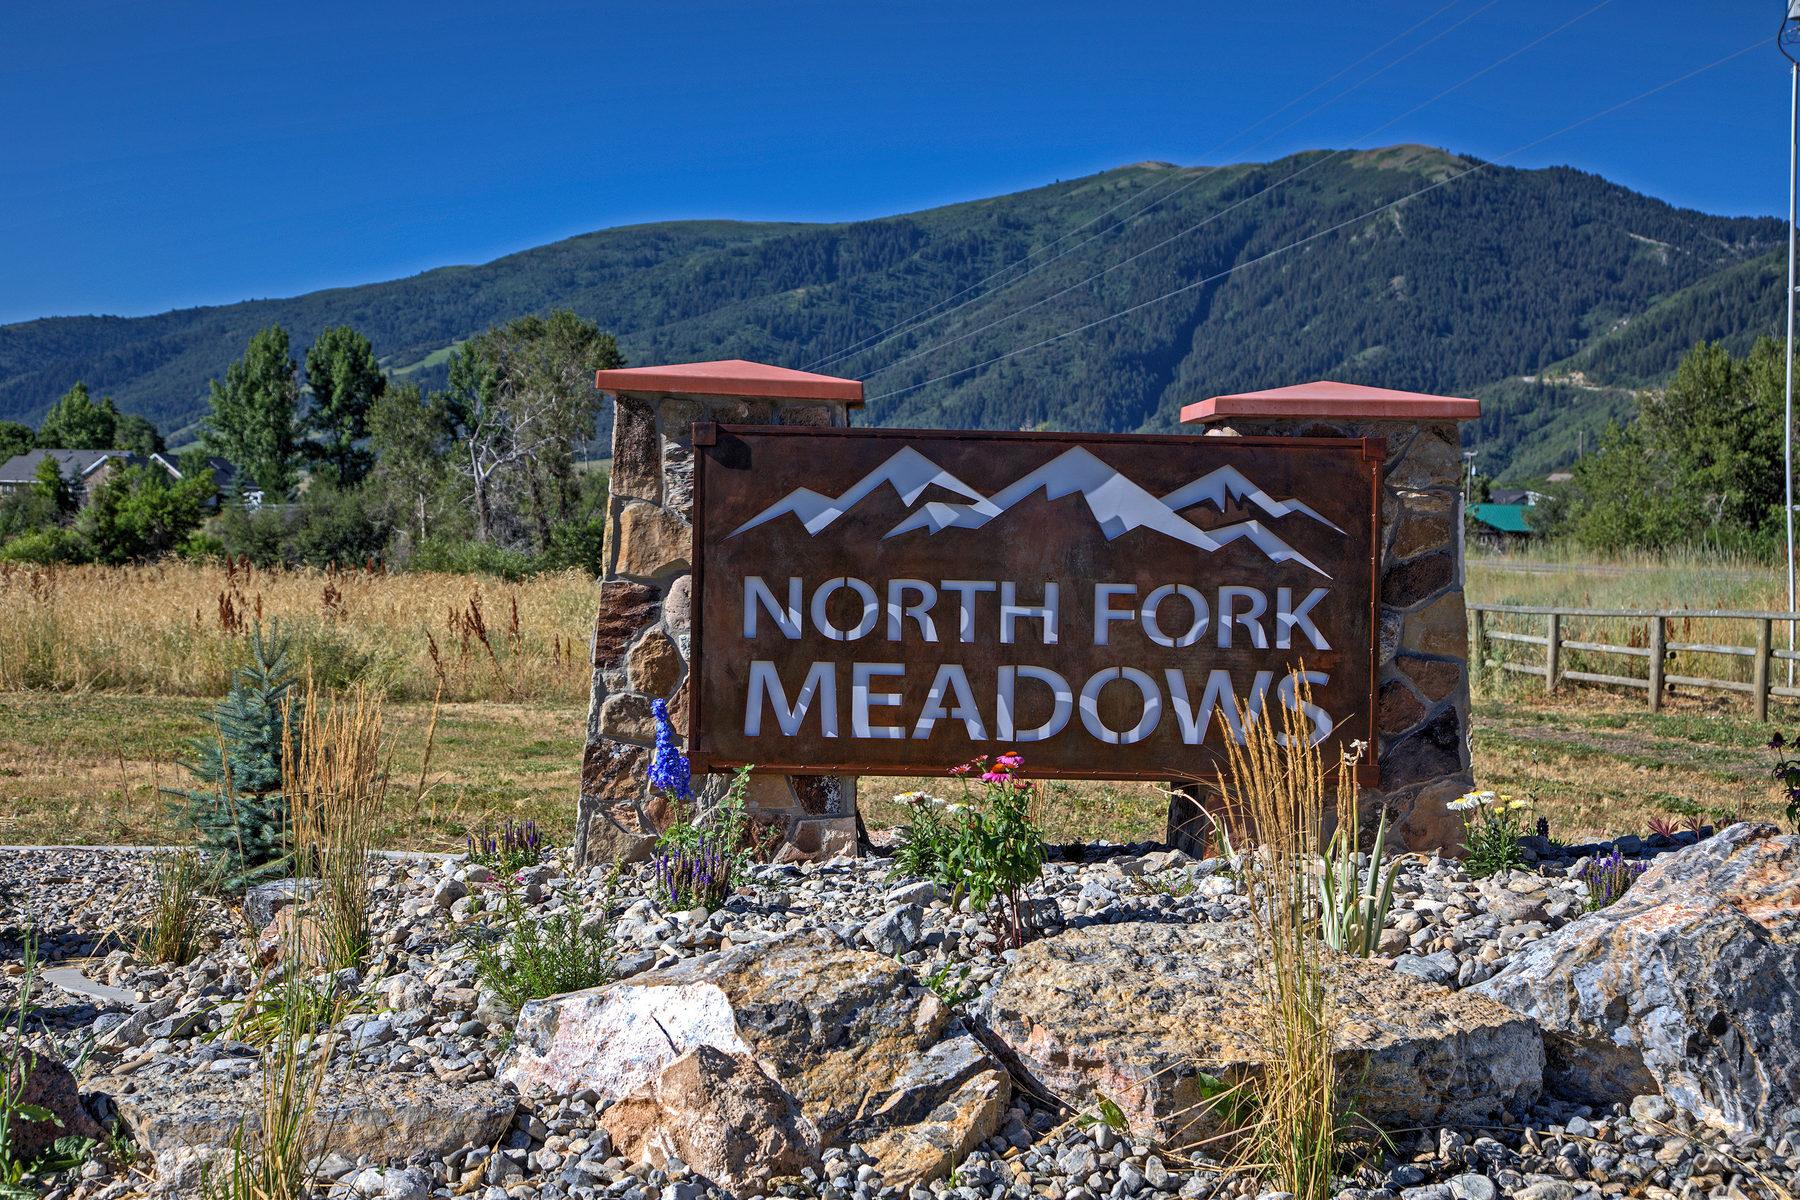 Terreno por un Venta en Build Your Dream Home in Eden Utah 3176 East 5225 North Lot 1 Eden, Utah, 84310 Estados Unidos